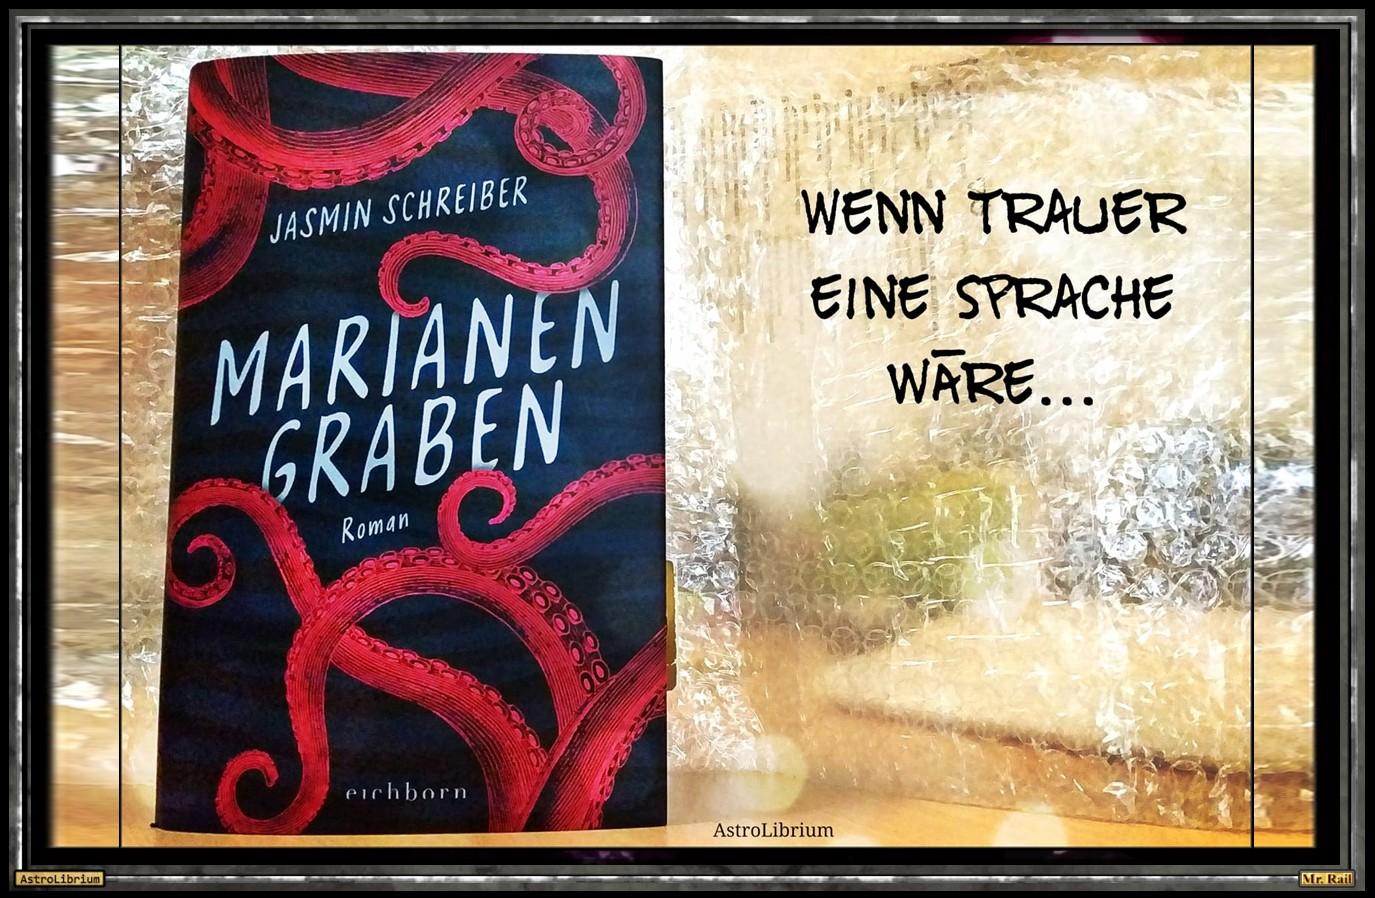 Marianengraben von Jasmin Schreiber - AstroLibrium